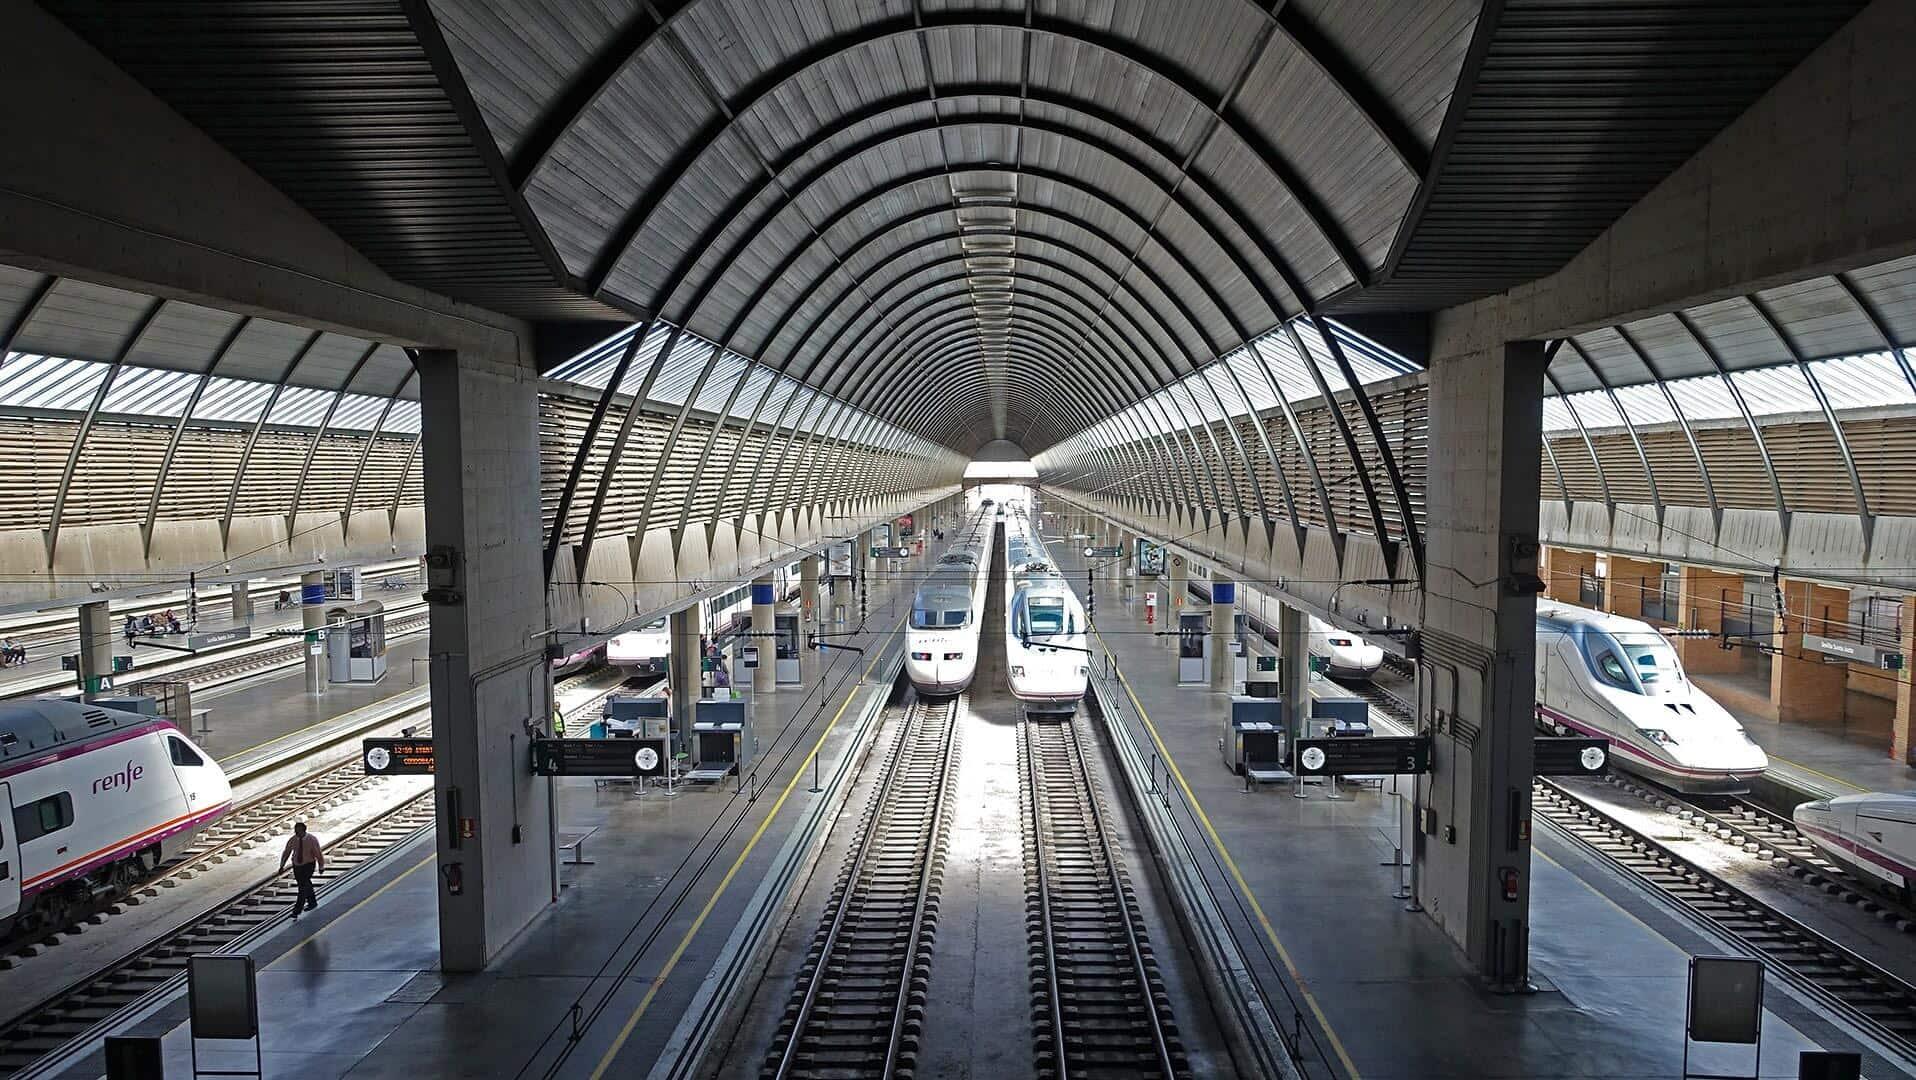 Estação de trem Sevilha Santa Justa